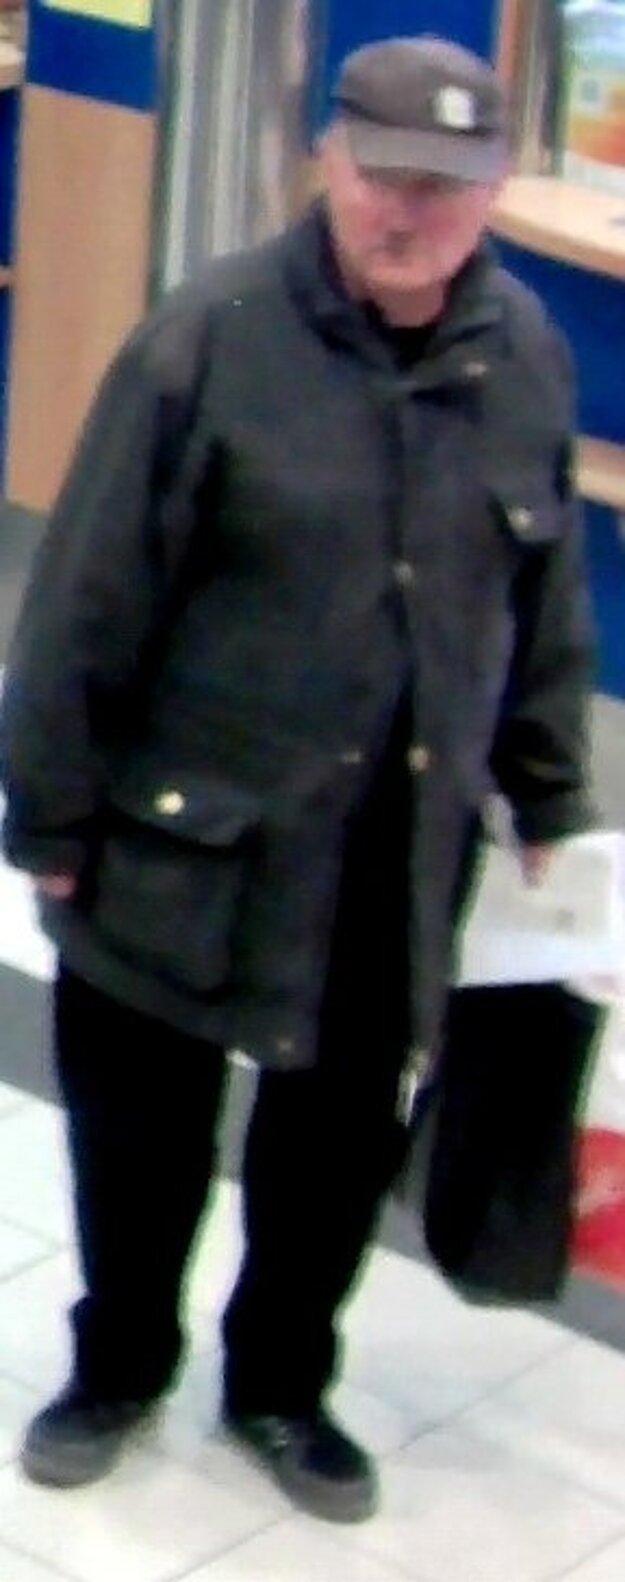 Polícia pátra po tomto mužovi, ktorý by mohol pomôcť pri vyšetrovaní závažnej trestnej činnosti.